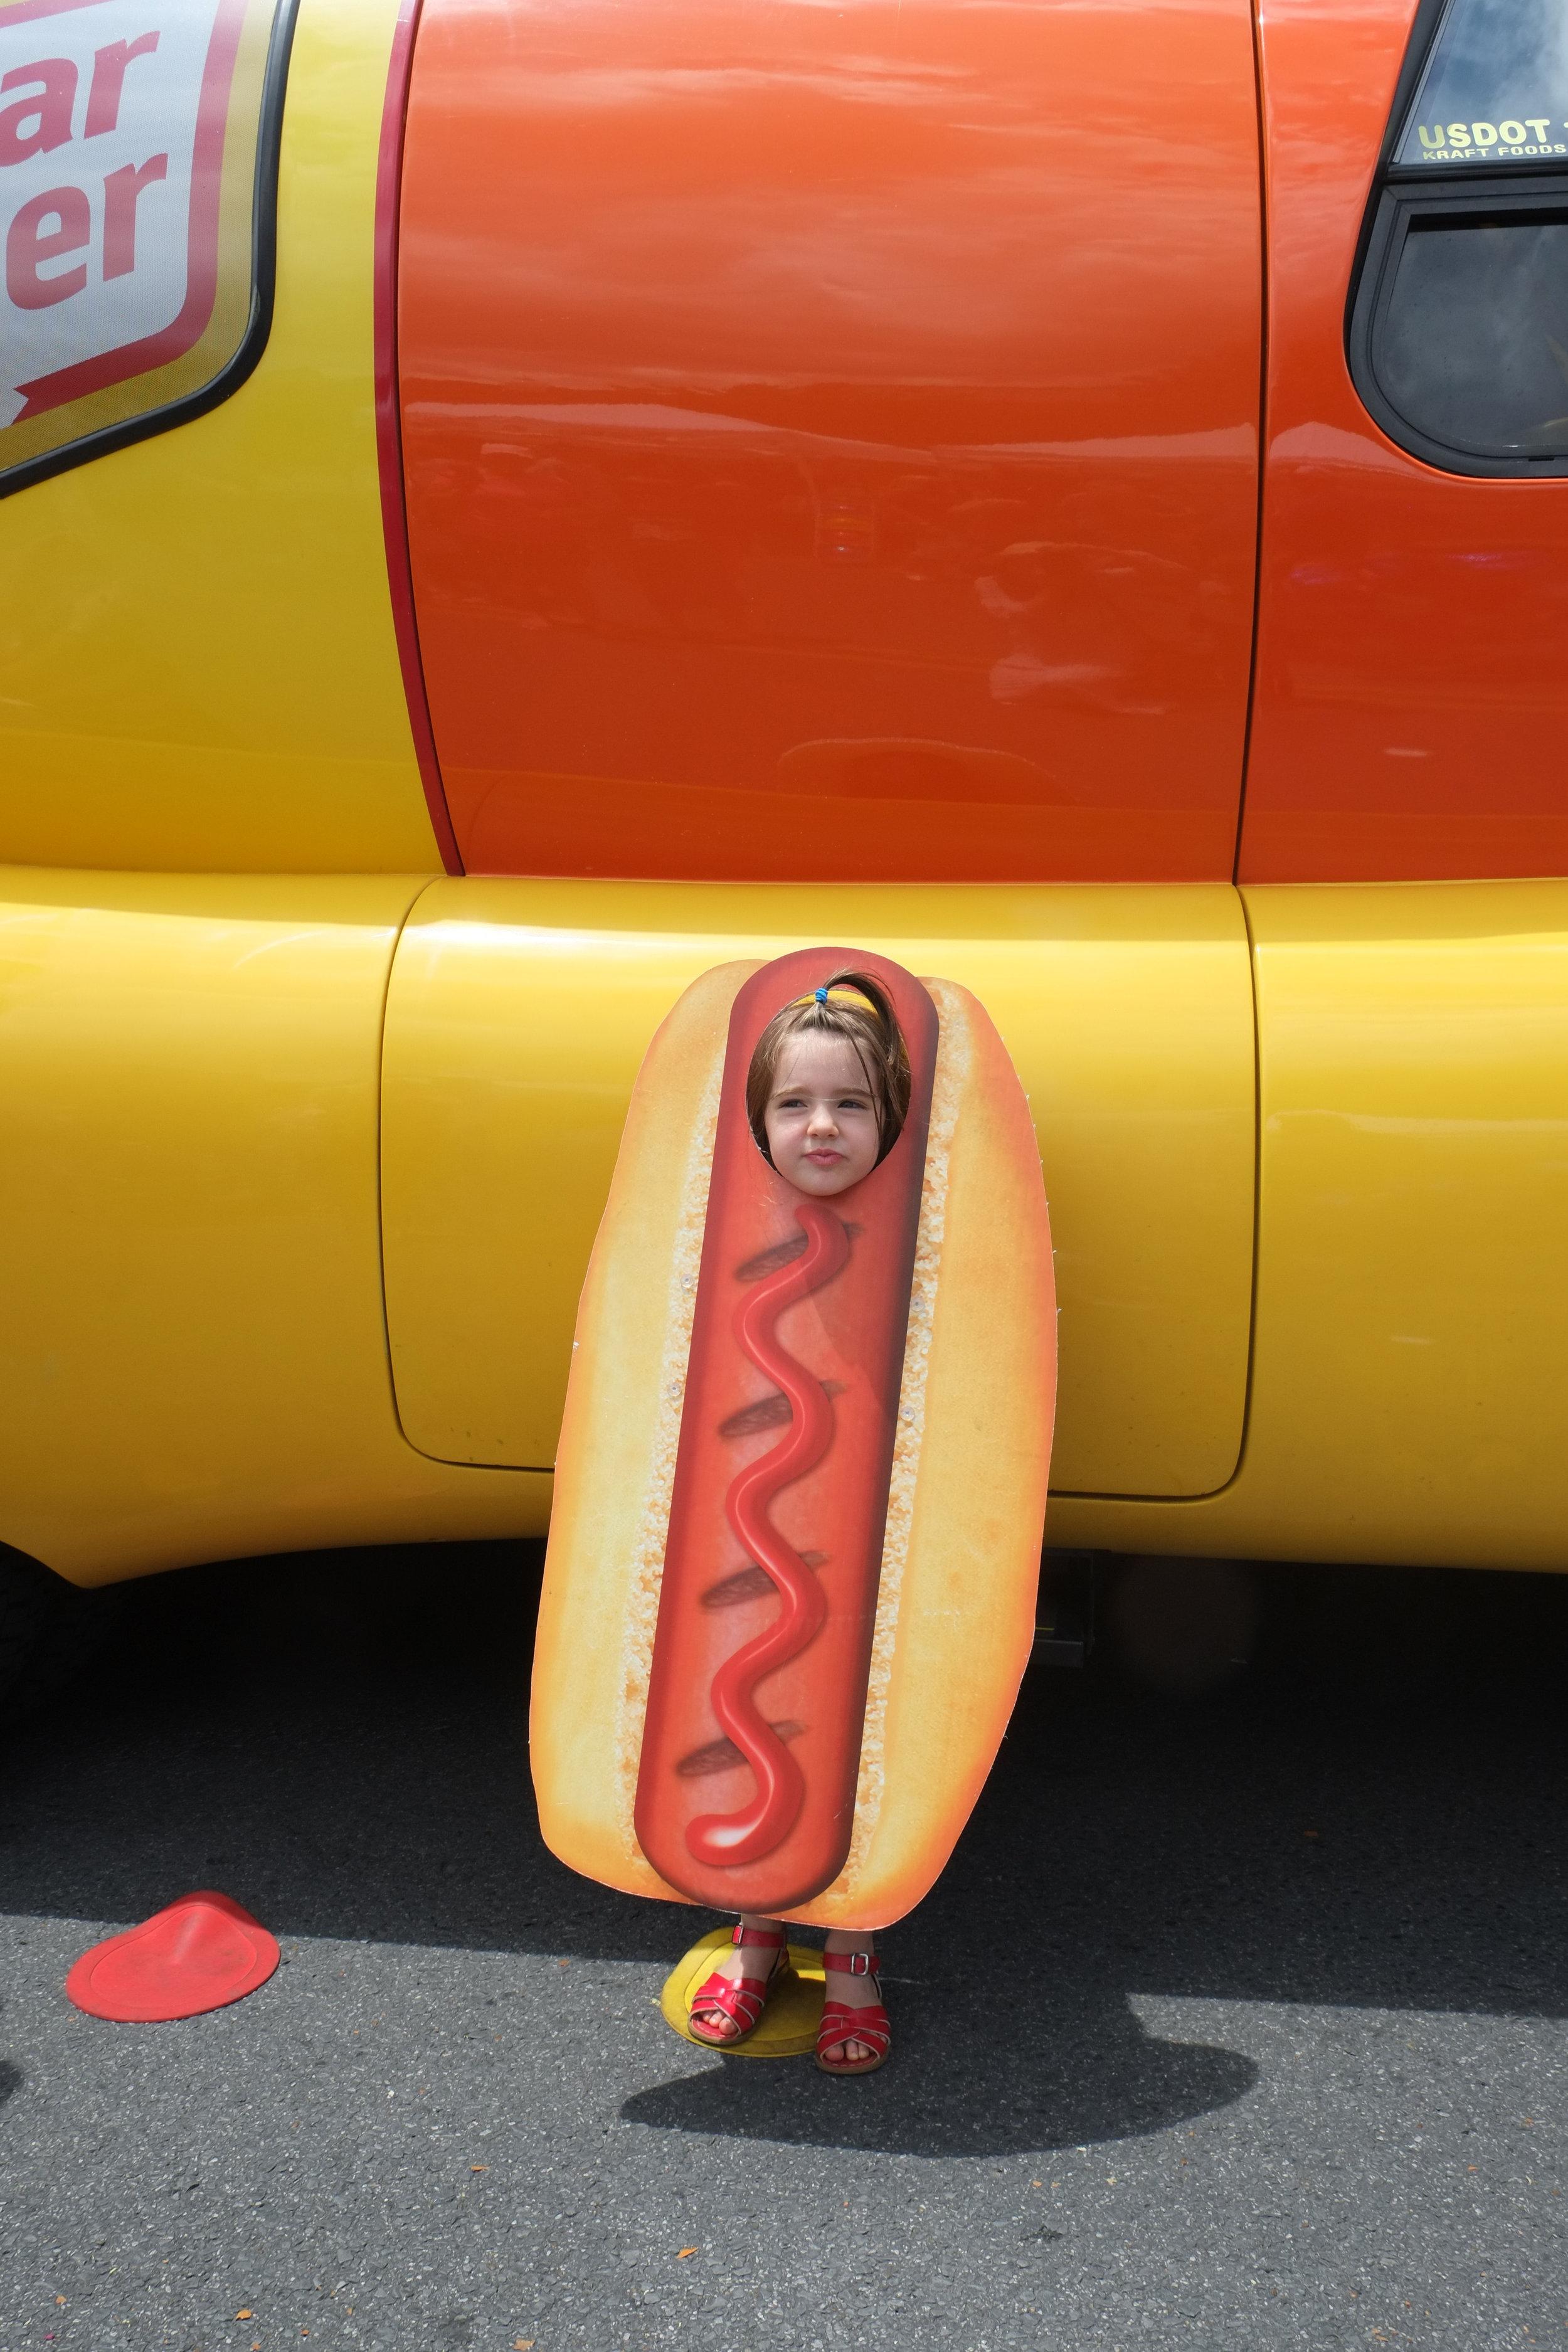 Wienermobile, Franklin, TN